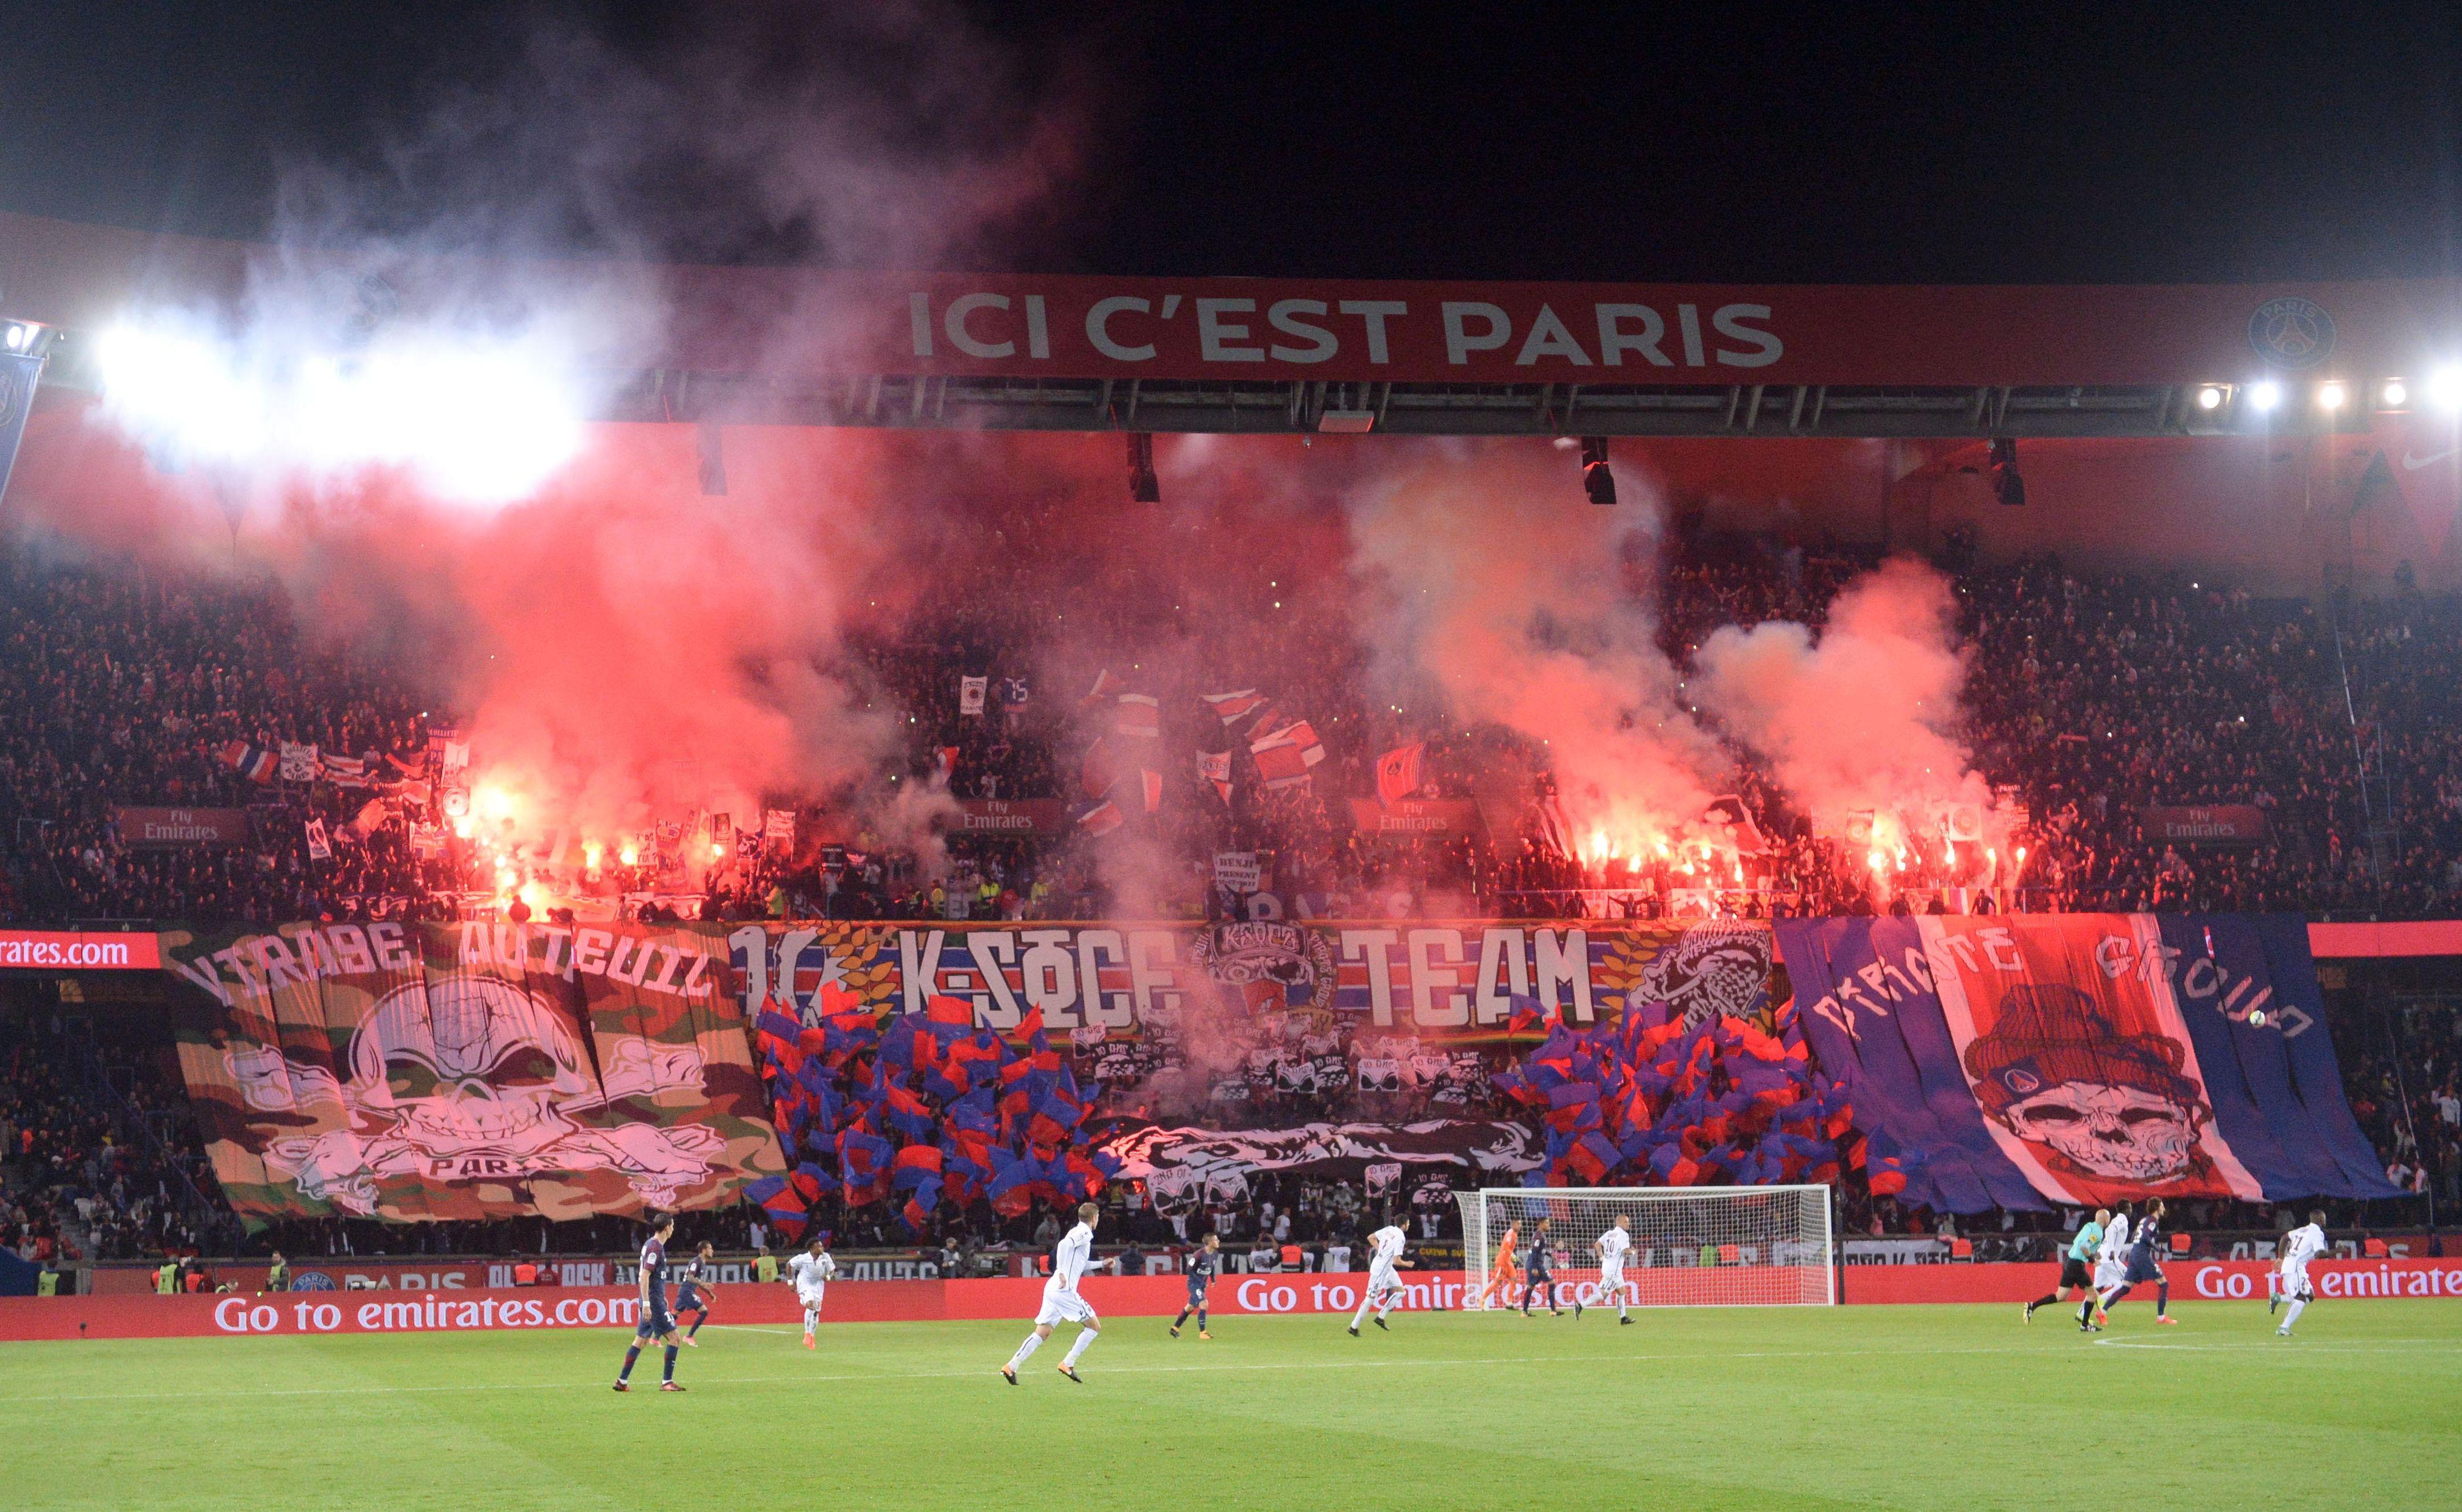 Football - Ligue 1 - Discipline : Le Parc des Princes sanctionné, le Vélodrome épargné